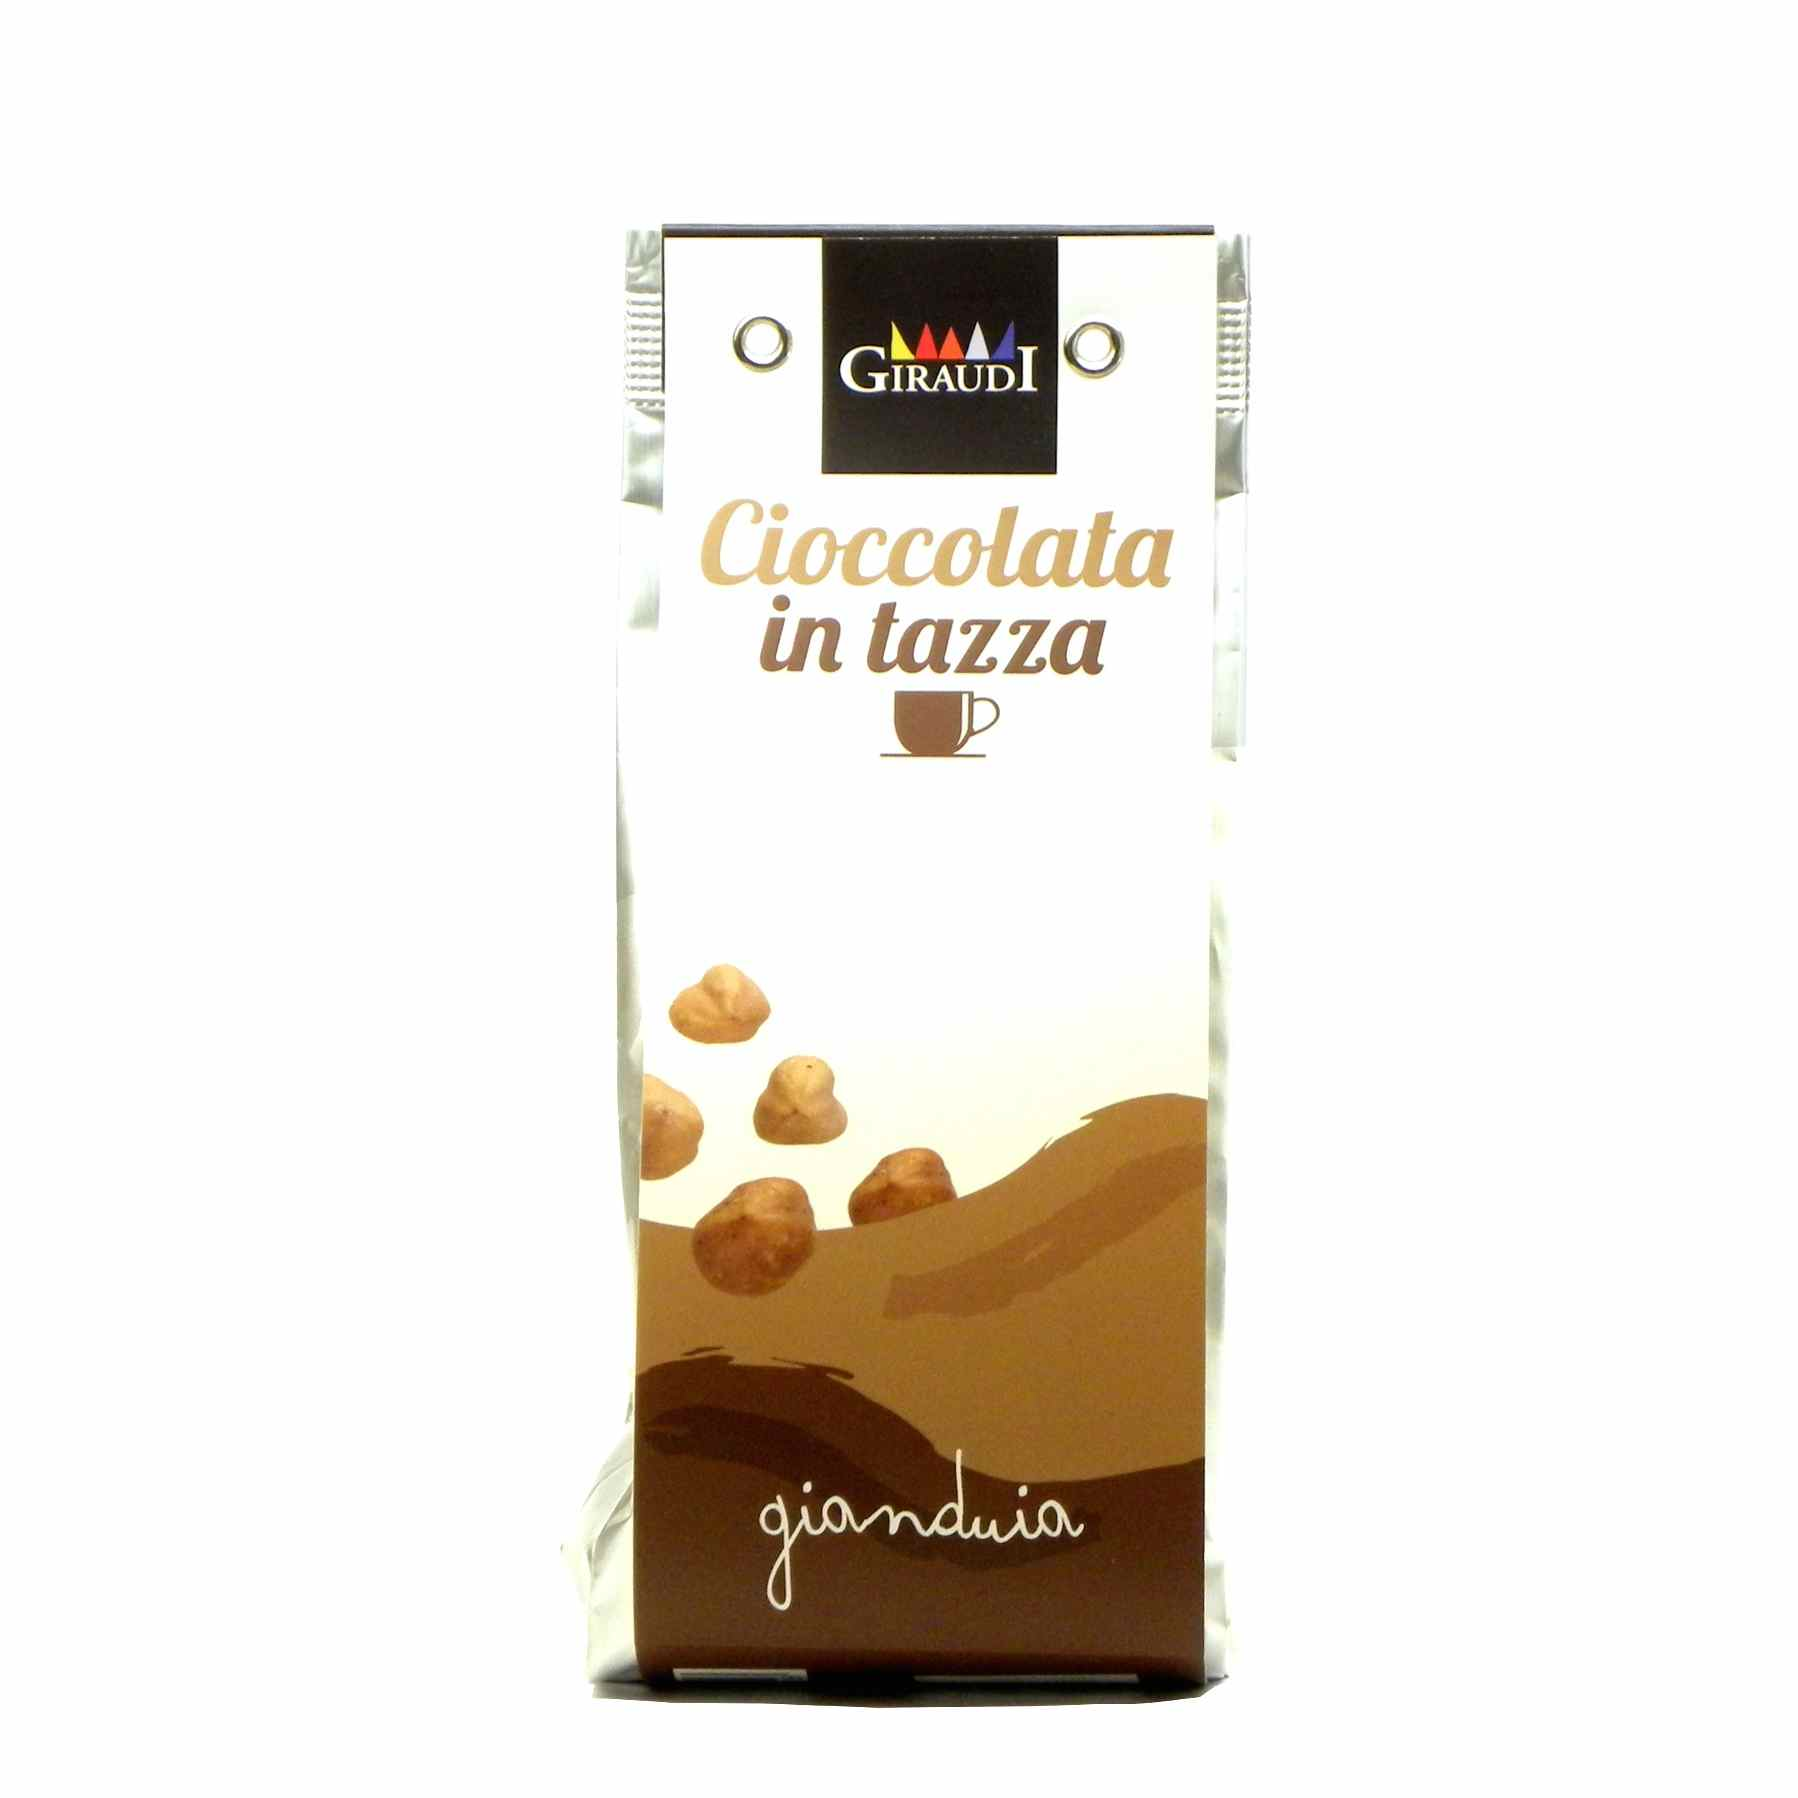 Giraudi_Ciocolata_Gianduia_Gustorotondo_FRONTE